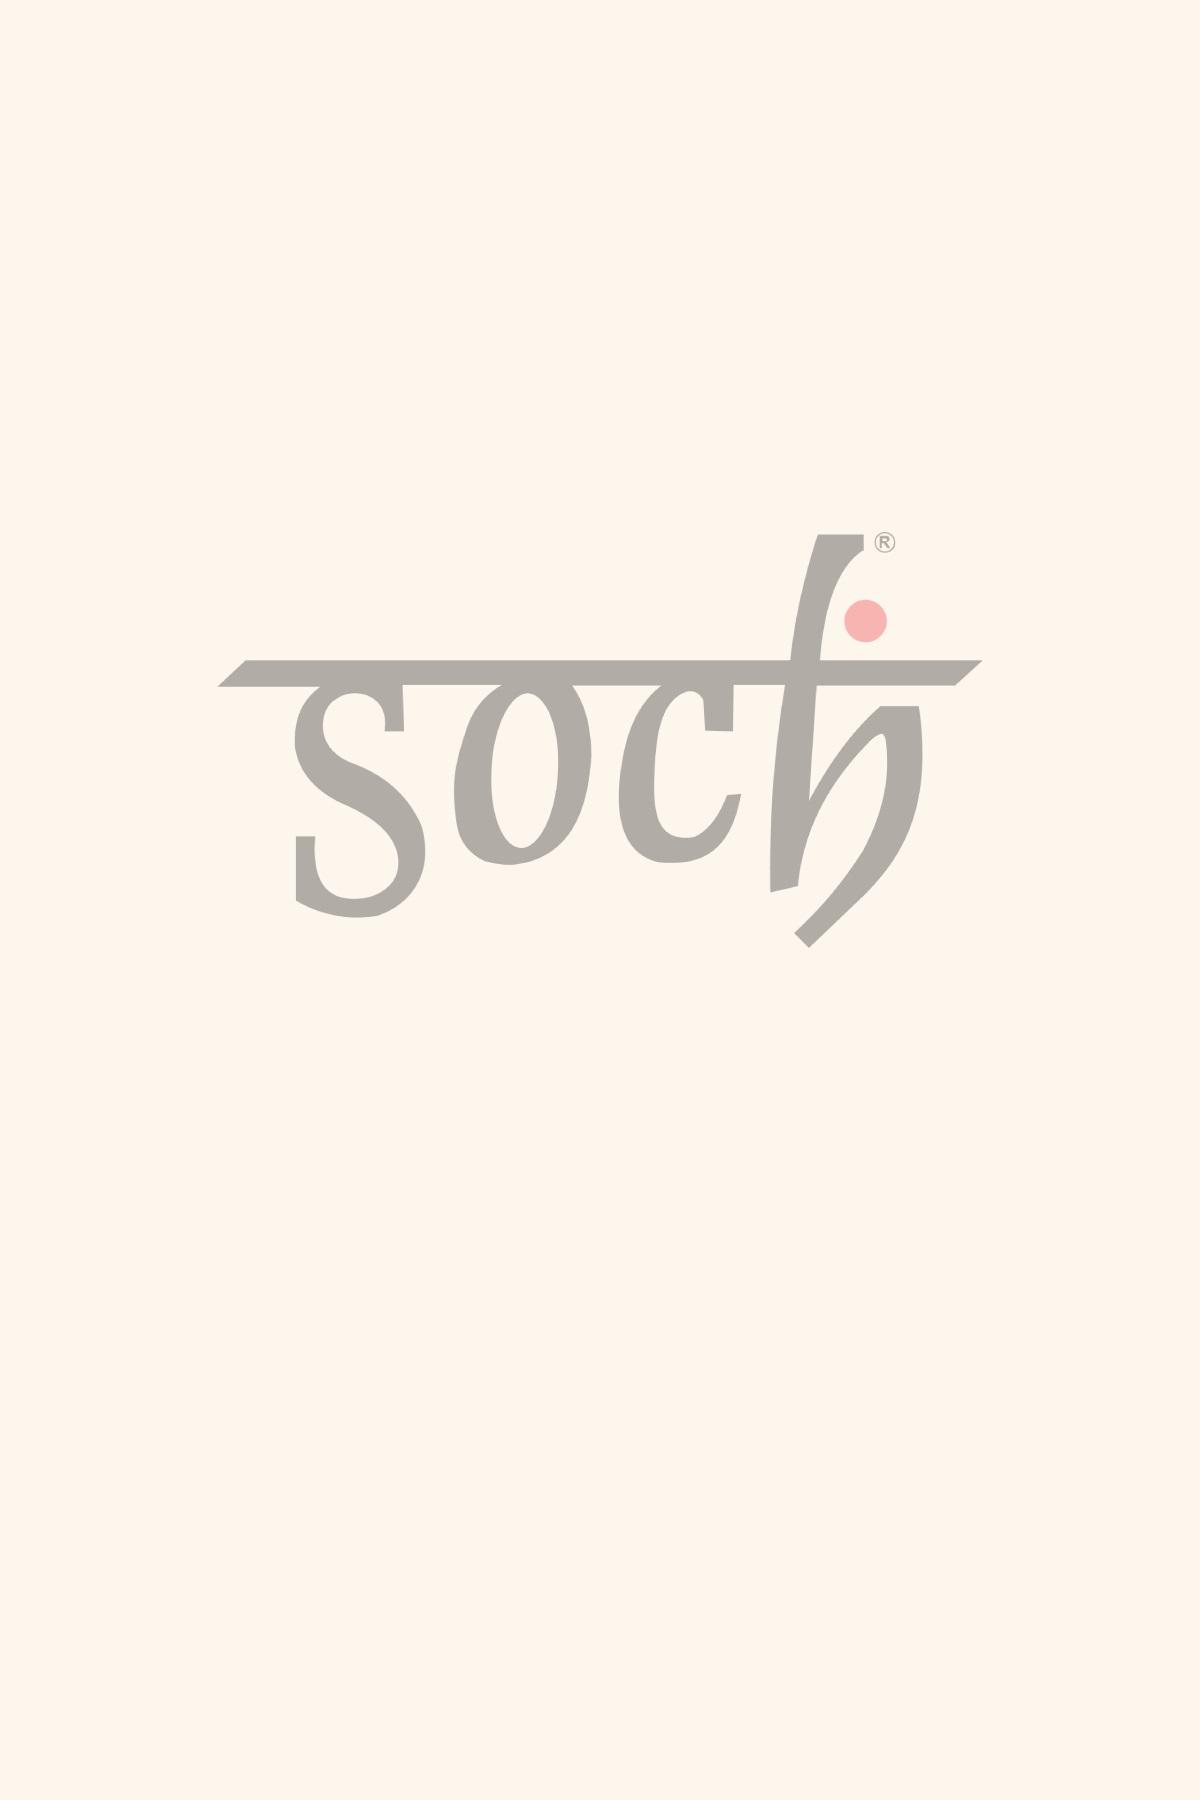 Kurtis Combo Offers